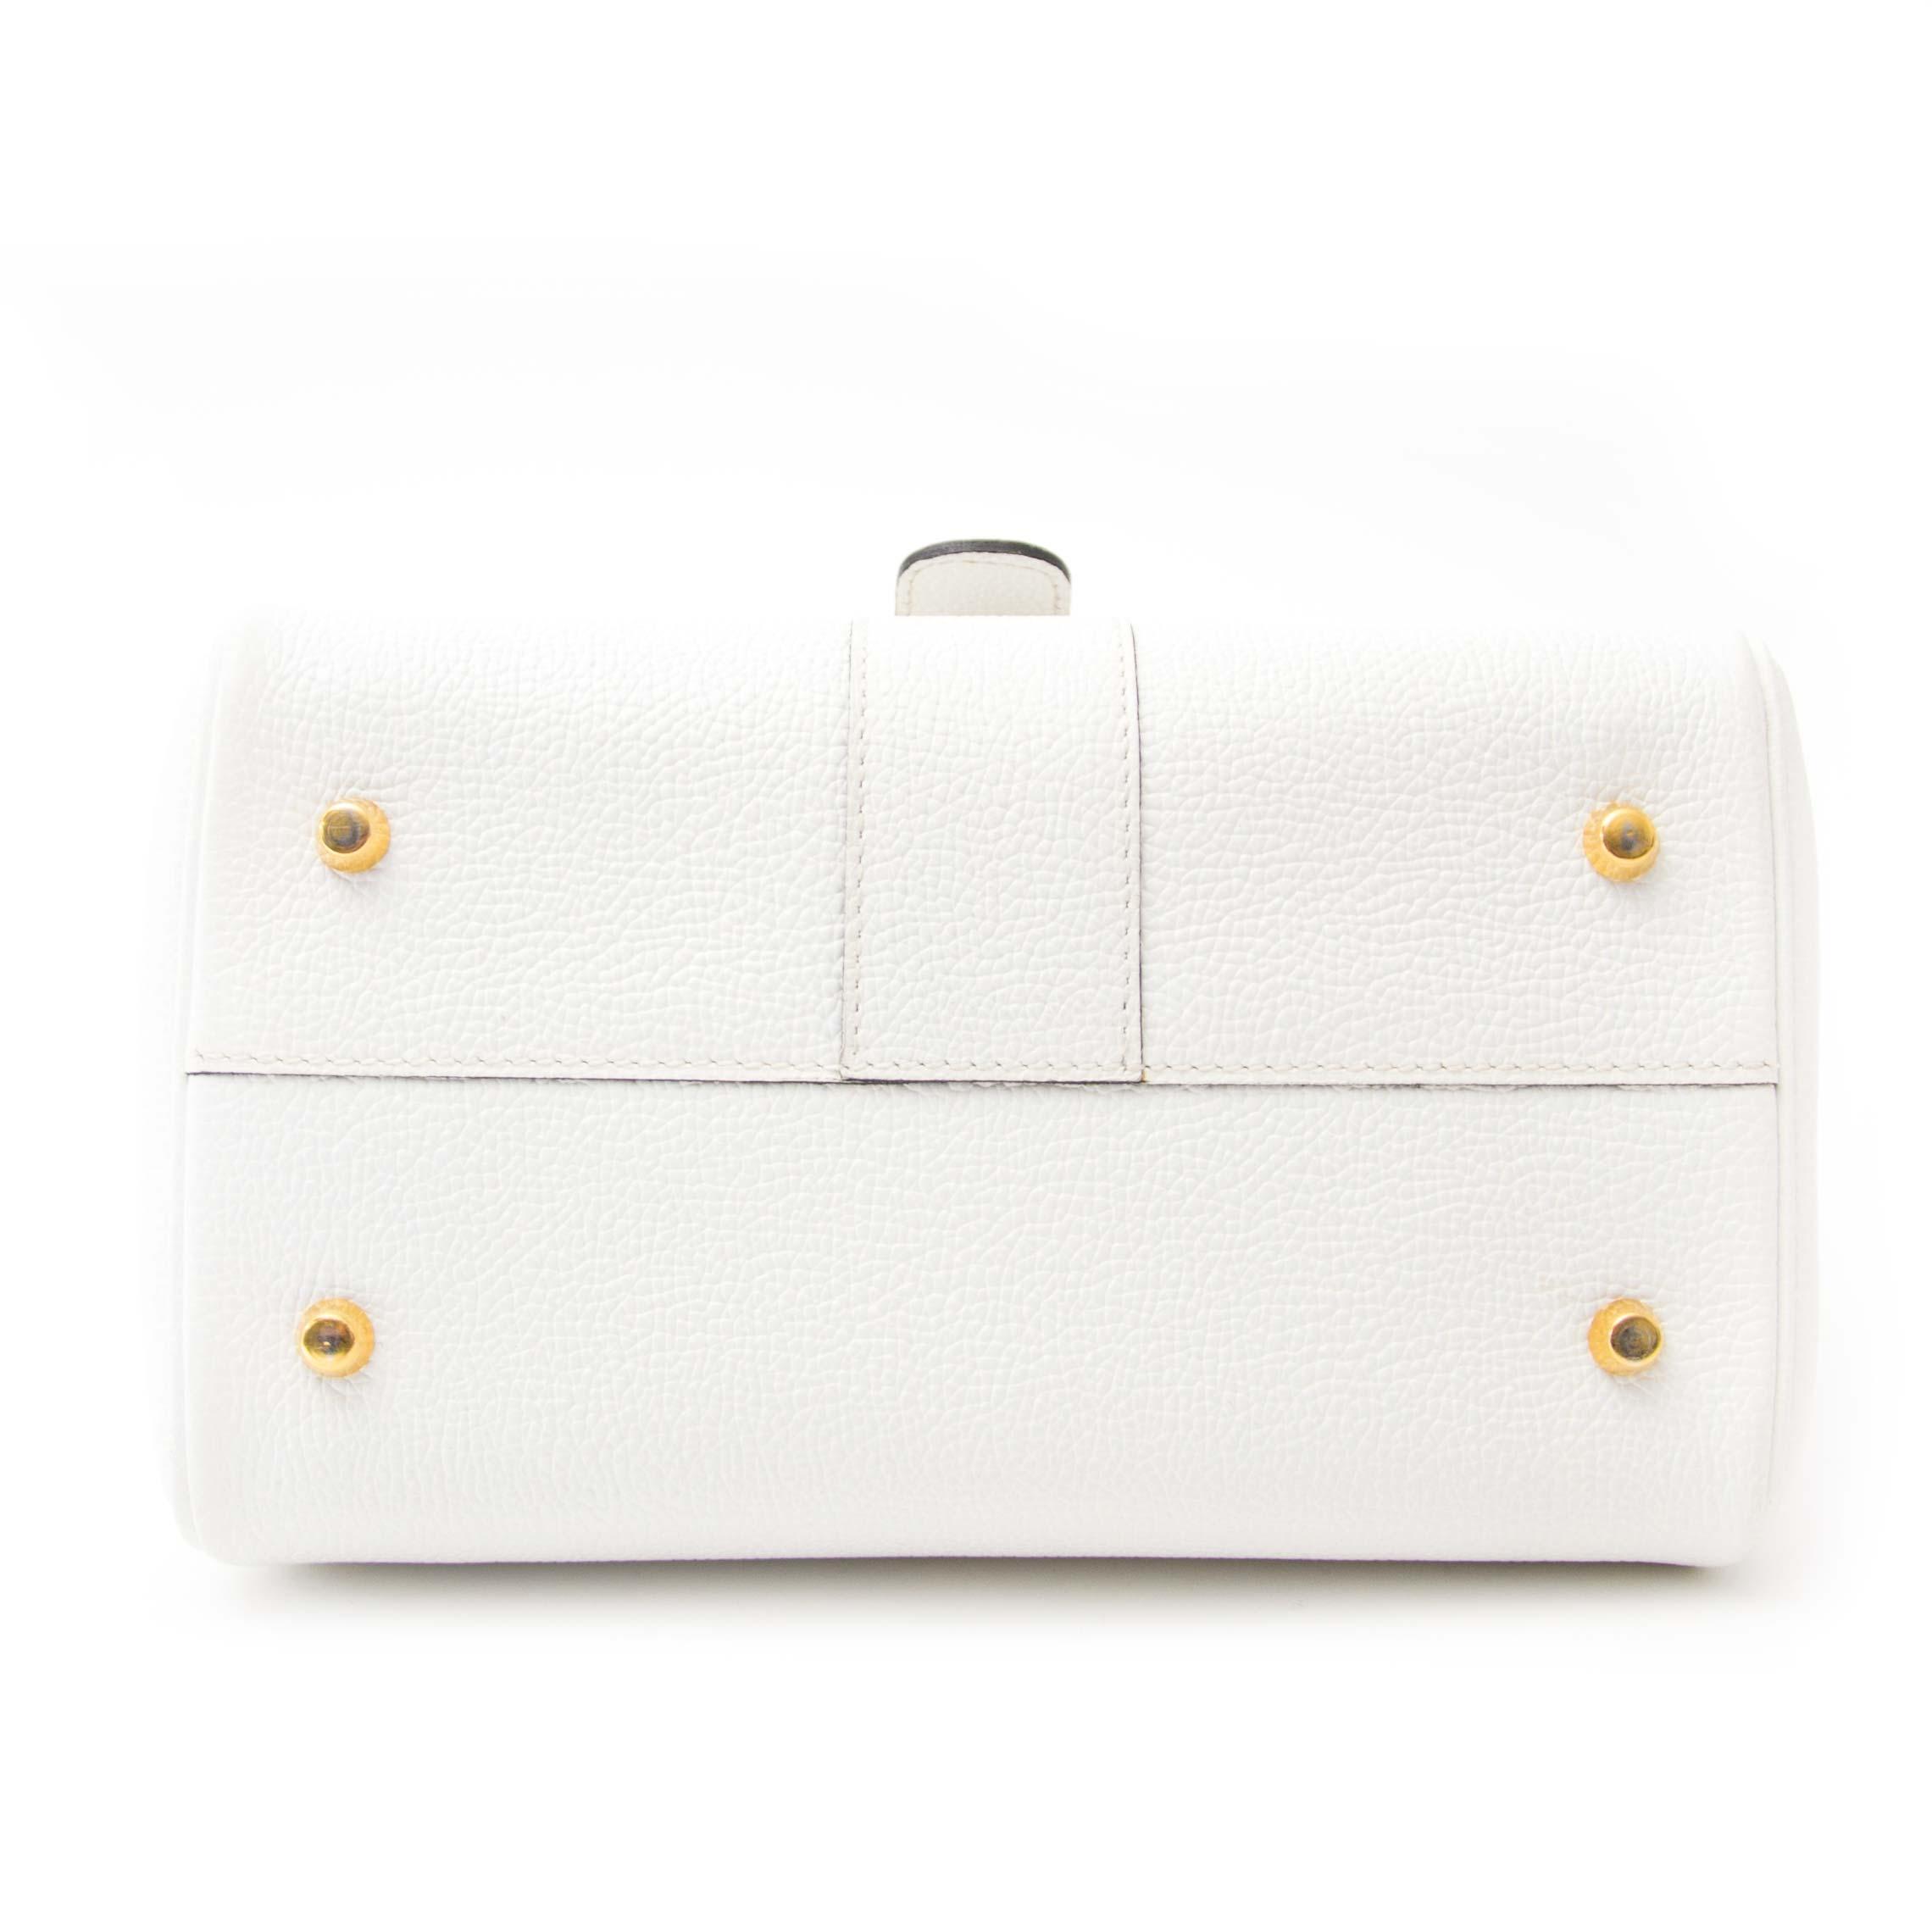 koop online aan de besete prijs joiu tweedehands Delvaux White Brillant Mini GHW